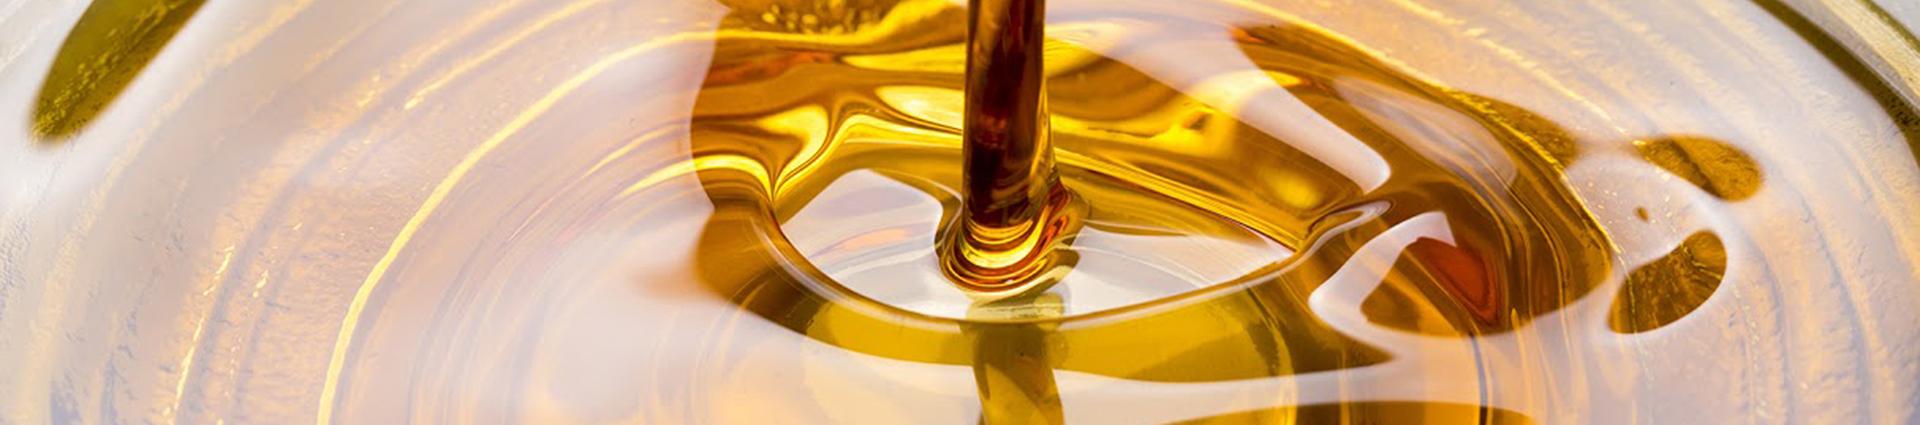 Öle/Fette